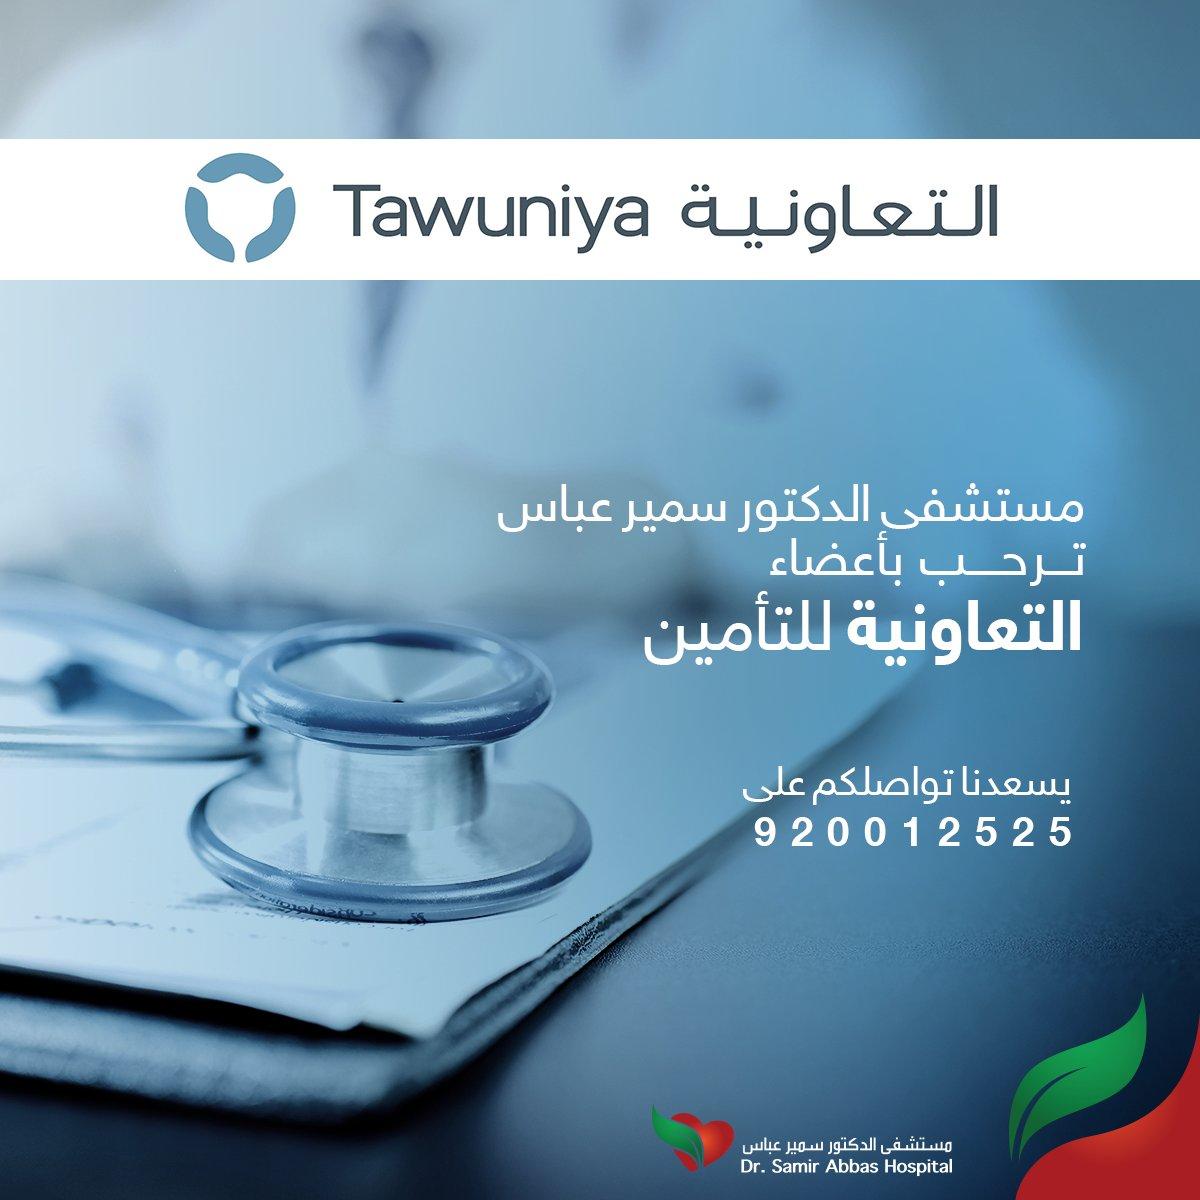 مستشفى د سمير عباس على تويتر مستشفى الدكتور سمير عباس ترحب بأعضاء التعاونية للتأمين رعاية تنبض حبا